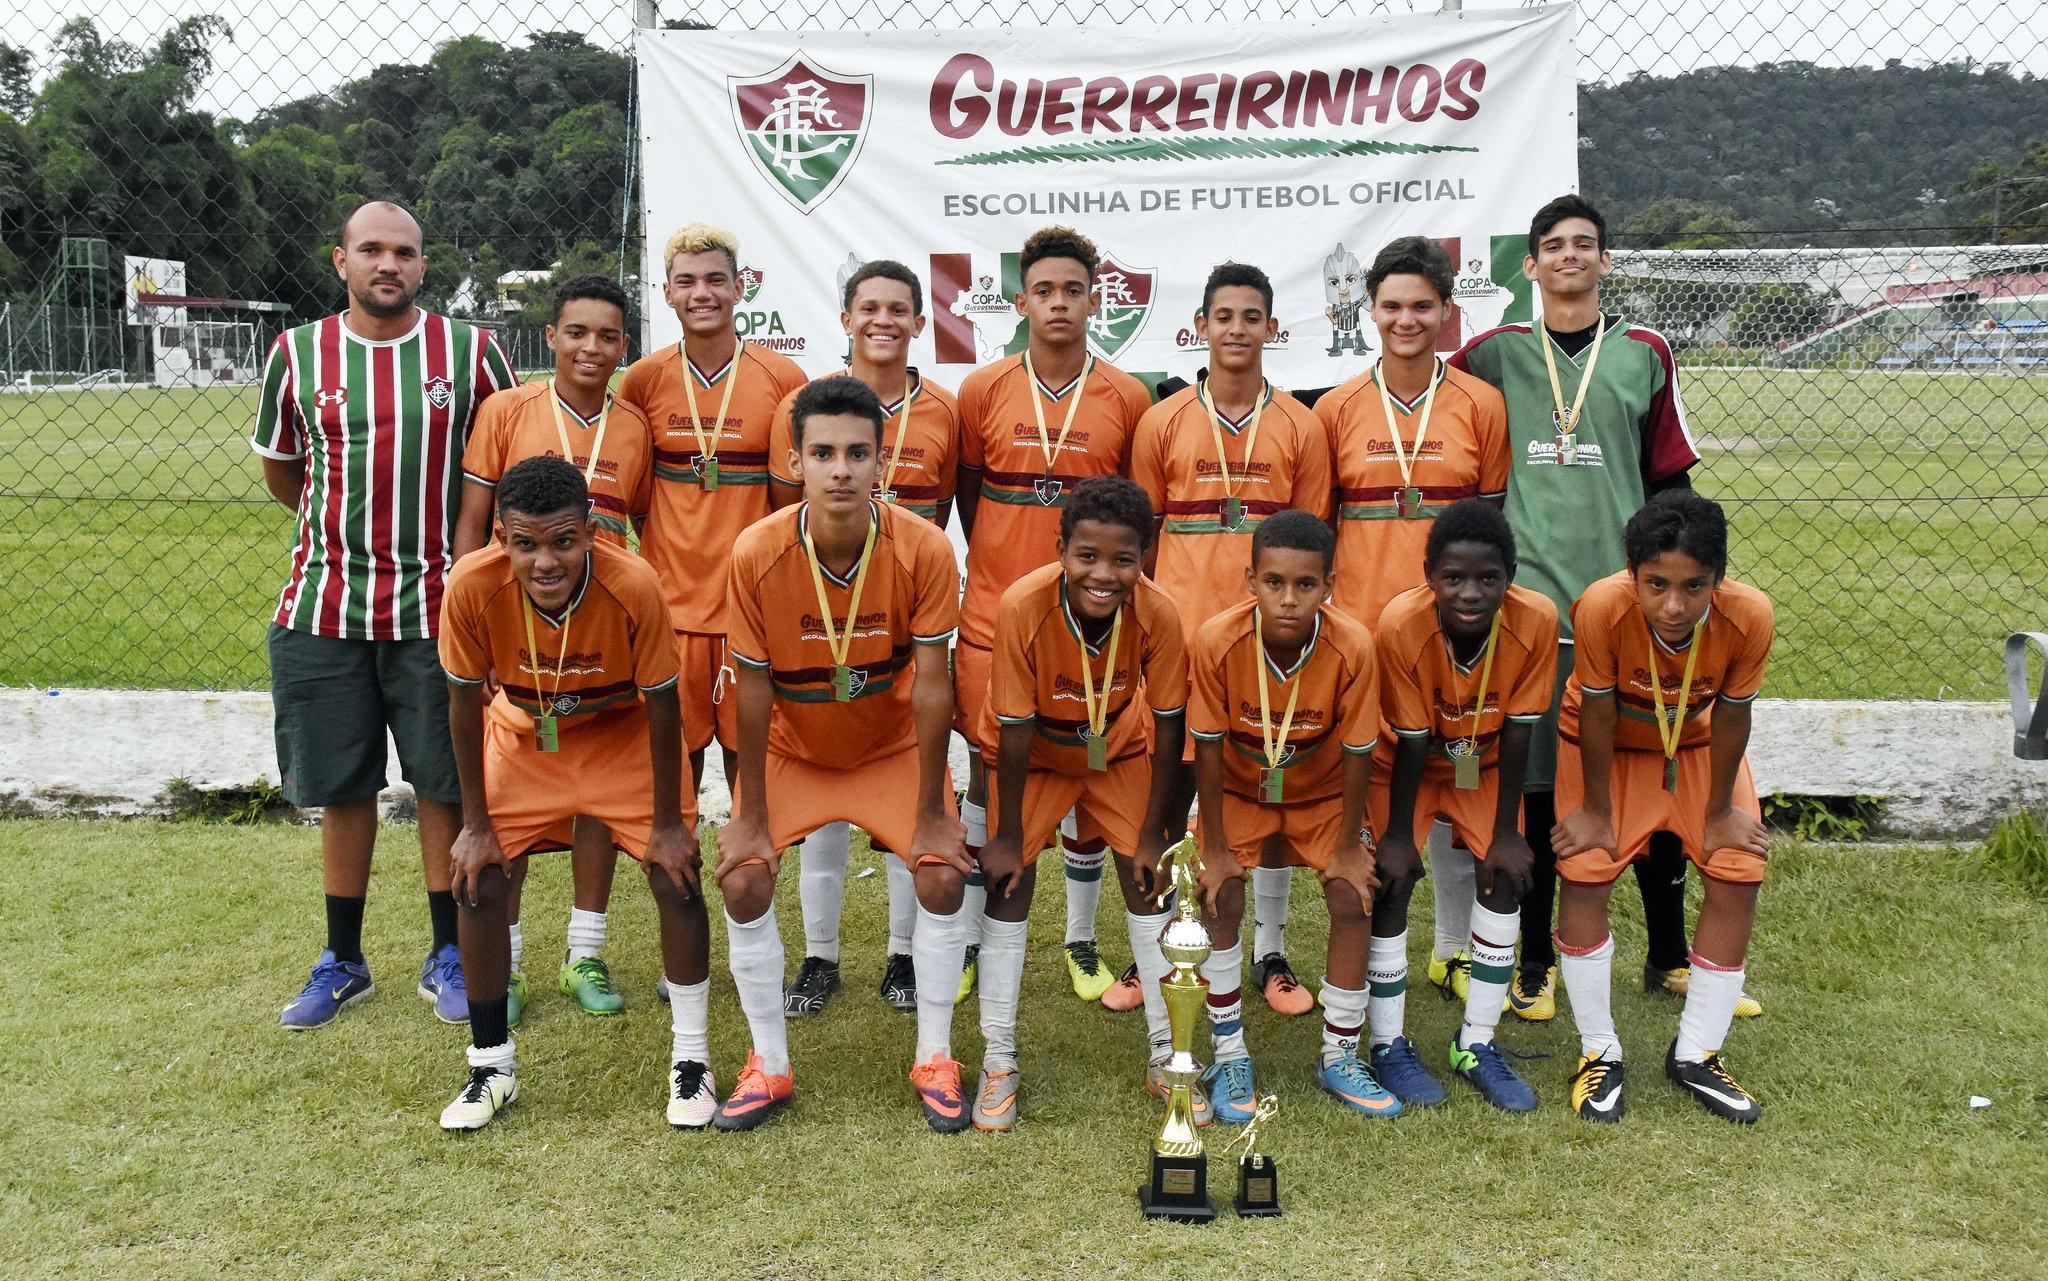 06cb84f165 Copa Guerreirinhos 2017 foi sucesso absoluto em Xerém ...